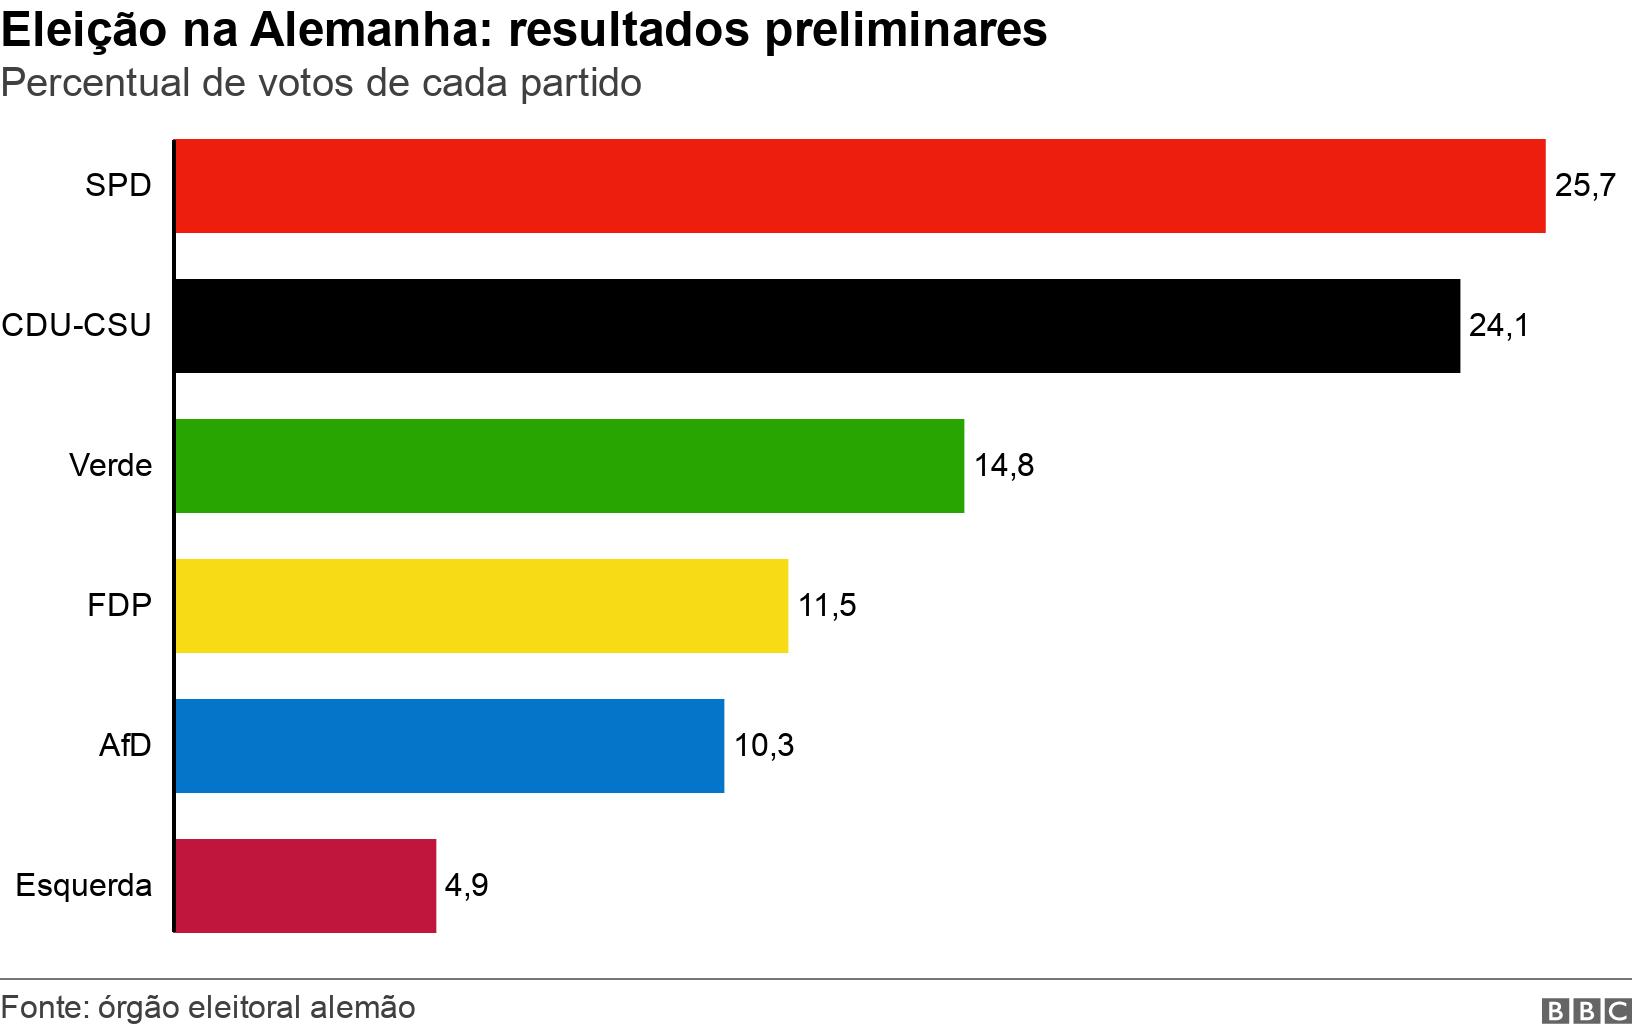 Eleição na Alemanha: resultados preliminares. Percentual de votos de cada partido.  .